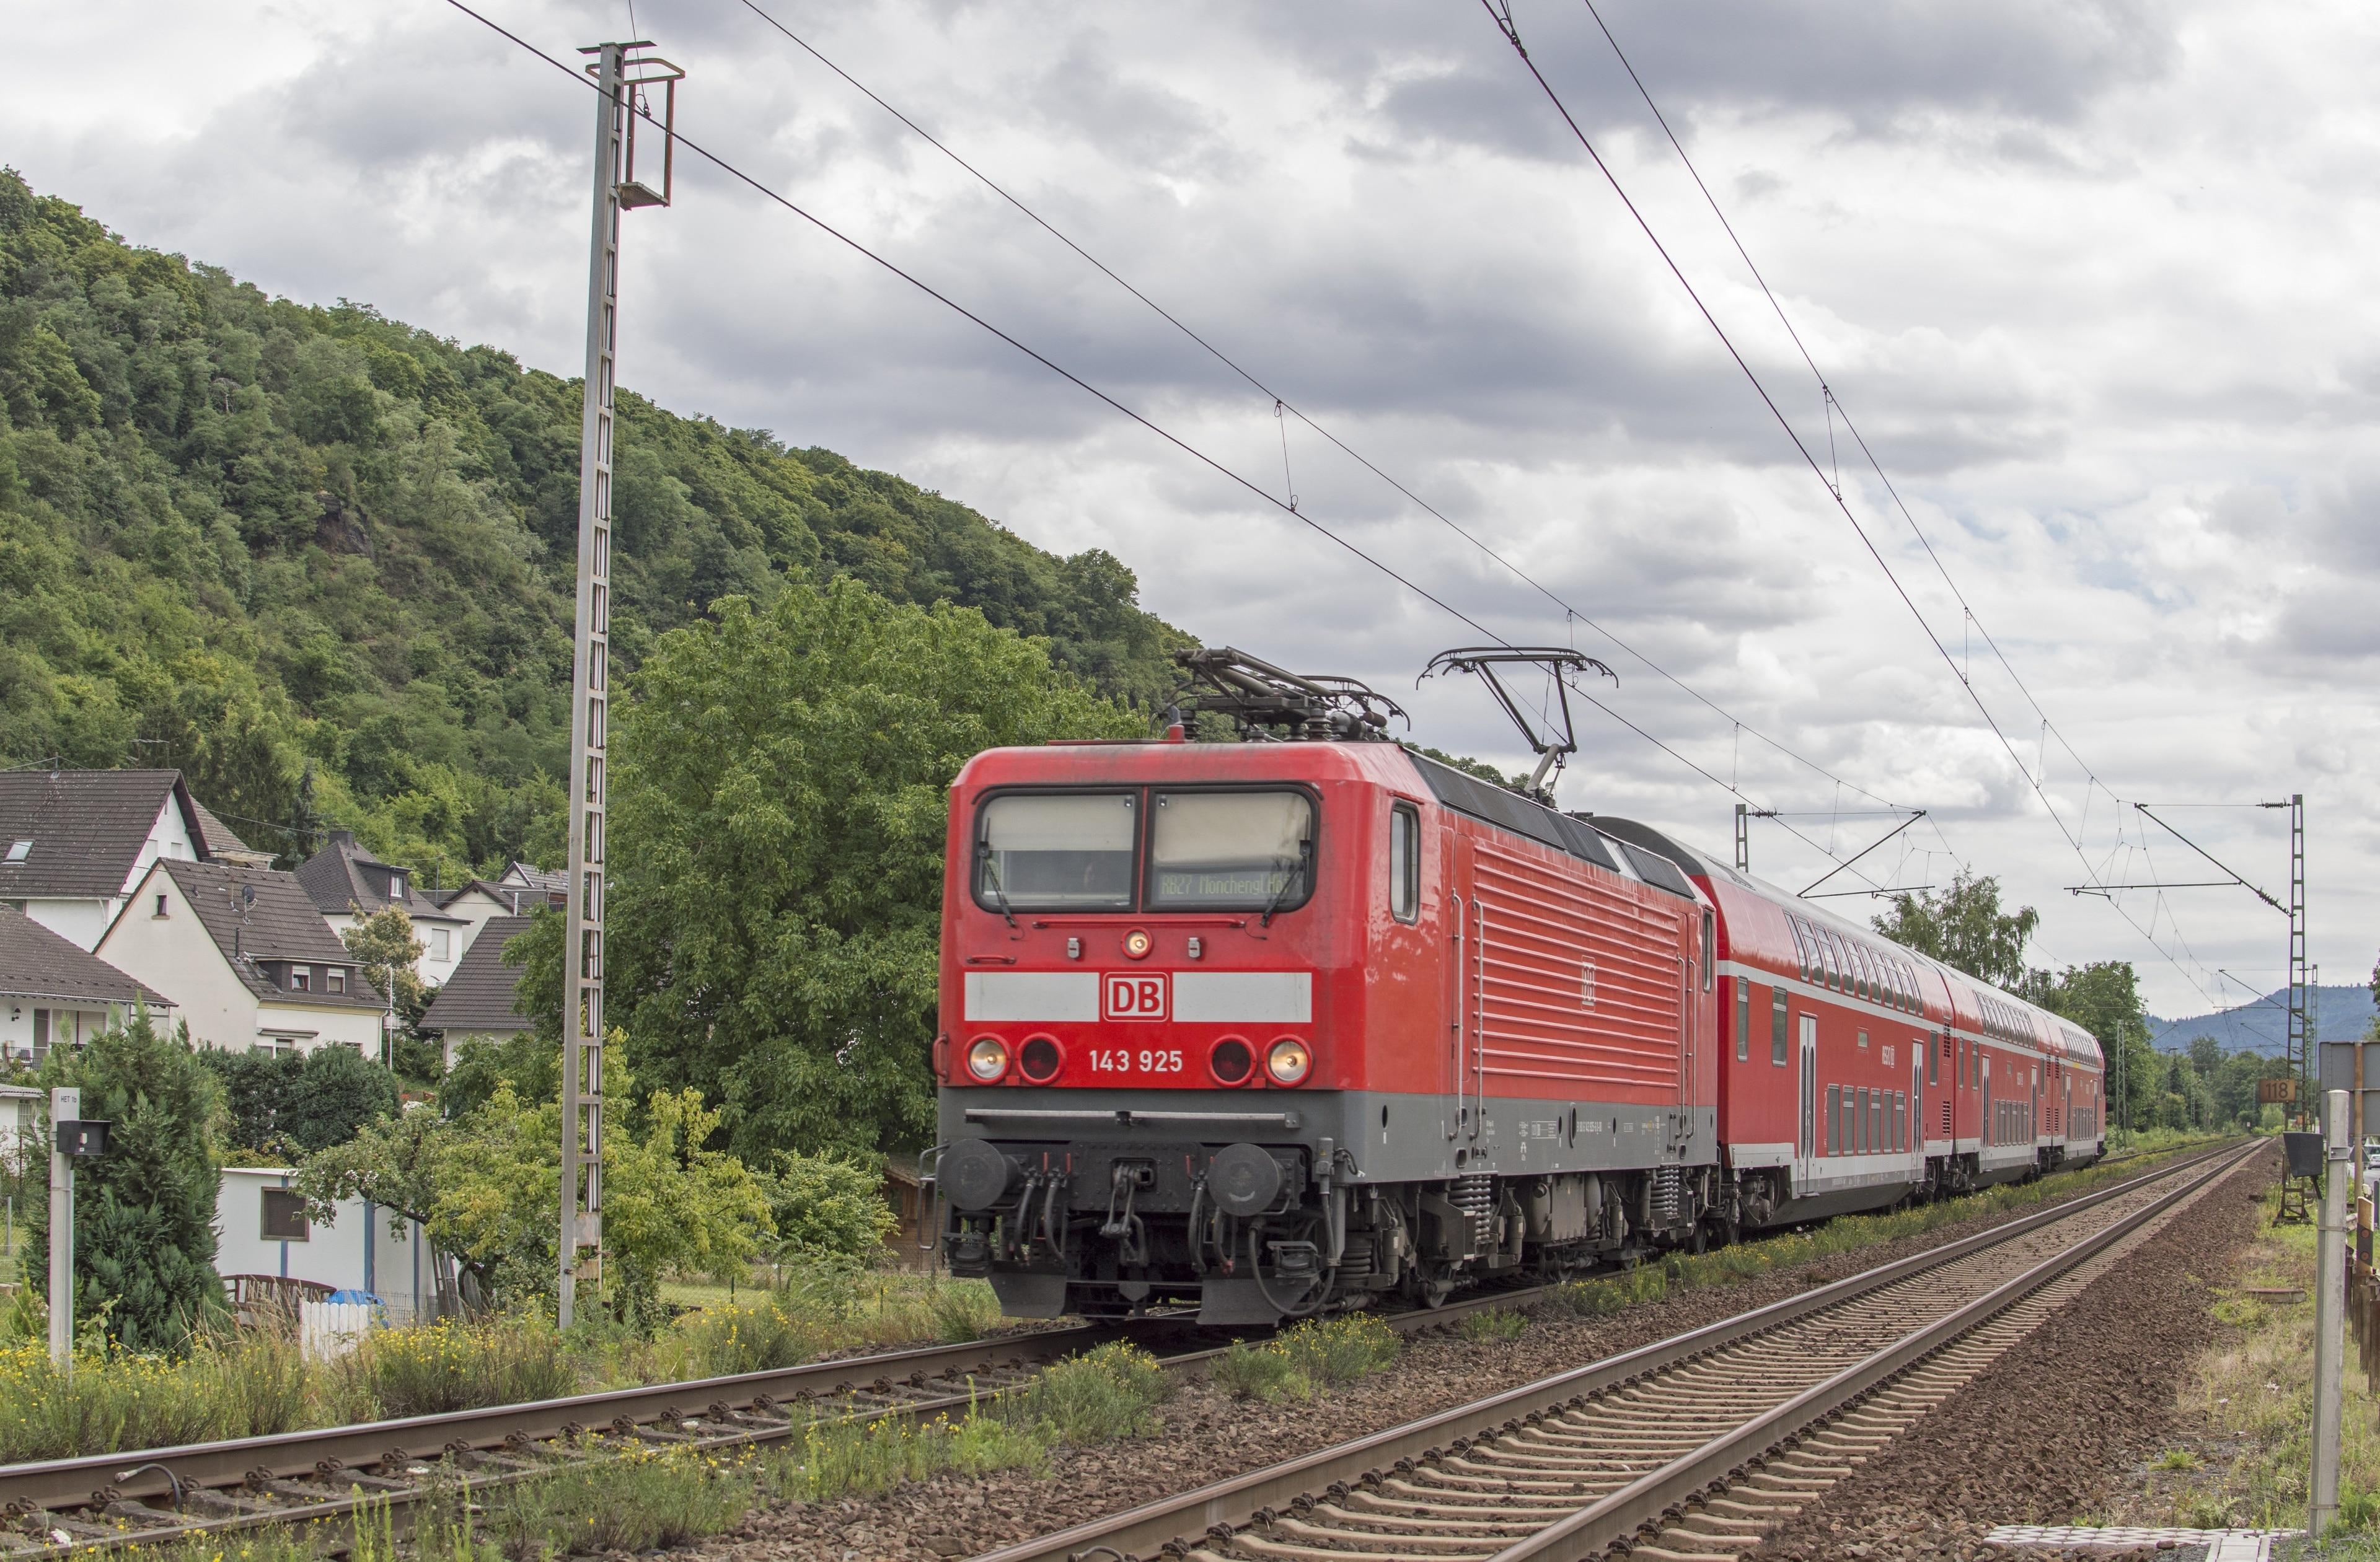 Bad Hoenningen, Rhineland-Palatinate, Germany